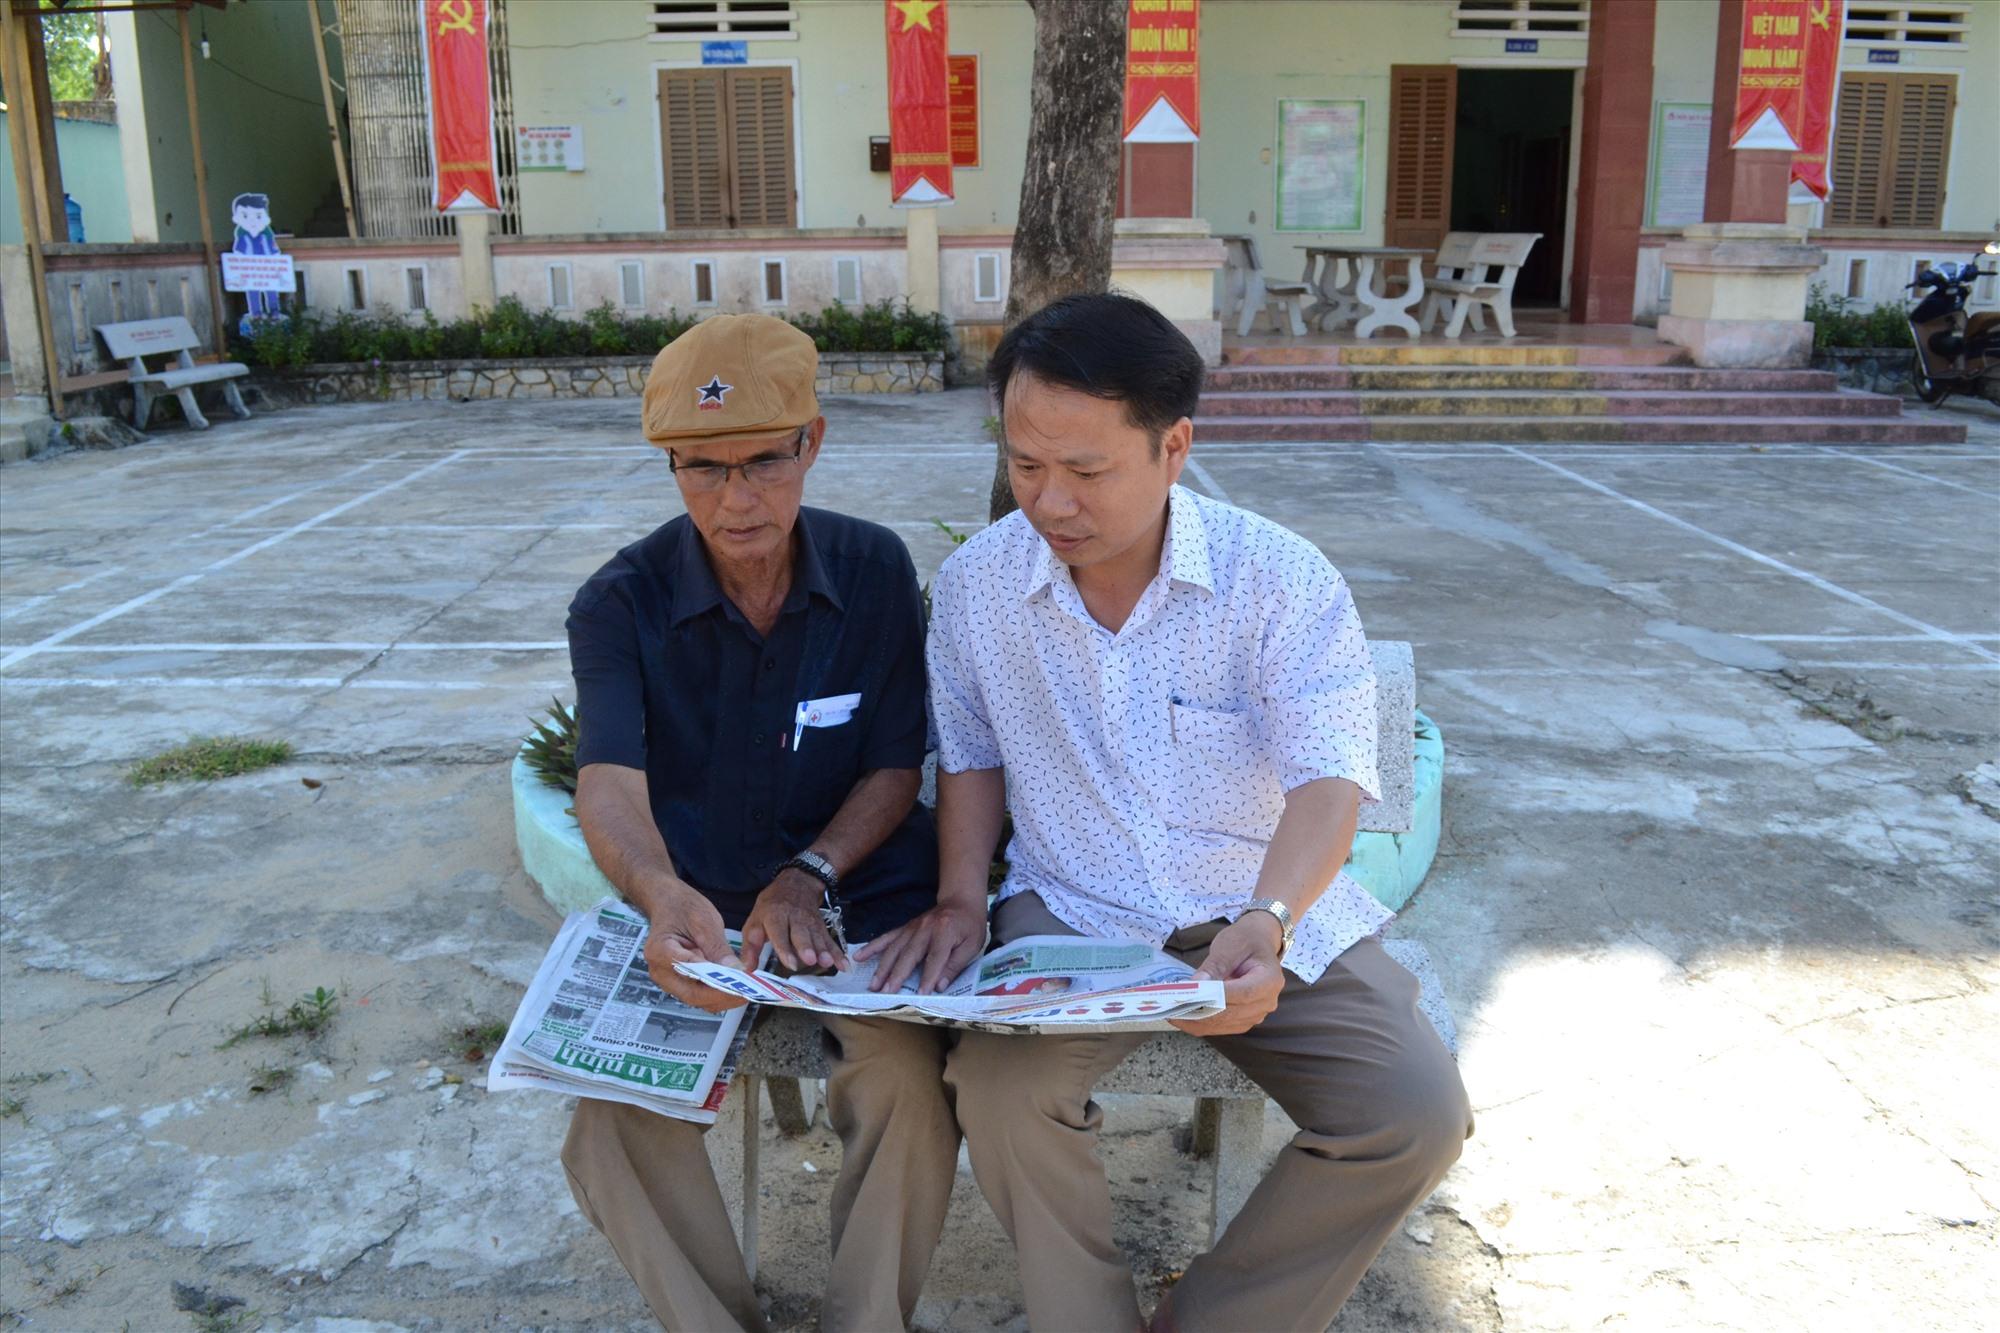 Ông Nguyễn Tấn Thu - Bí thư Đảng ủy xã Bình Hải trao đổi với cán bộ lão thành địa phương để chia sẻ, học hỏi kinh nghiệm. Ảnh: VIỆT NGUYỄN